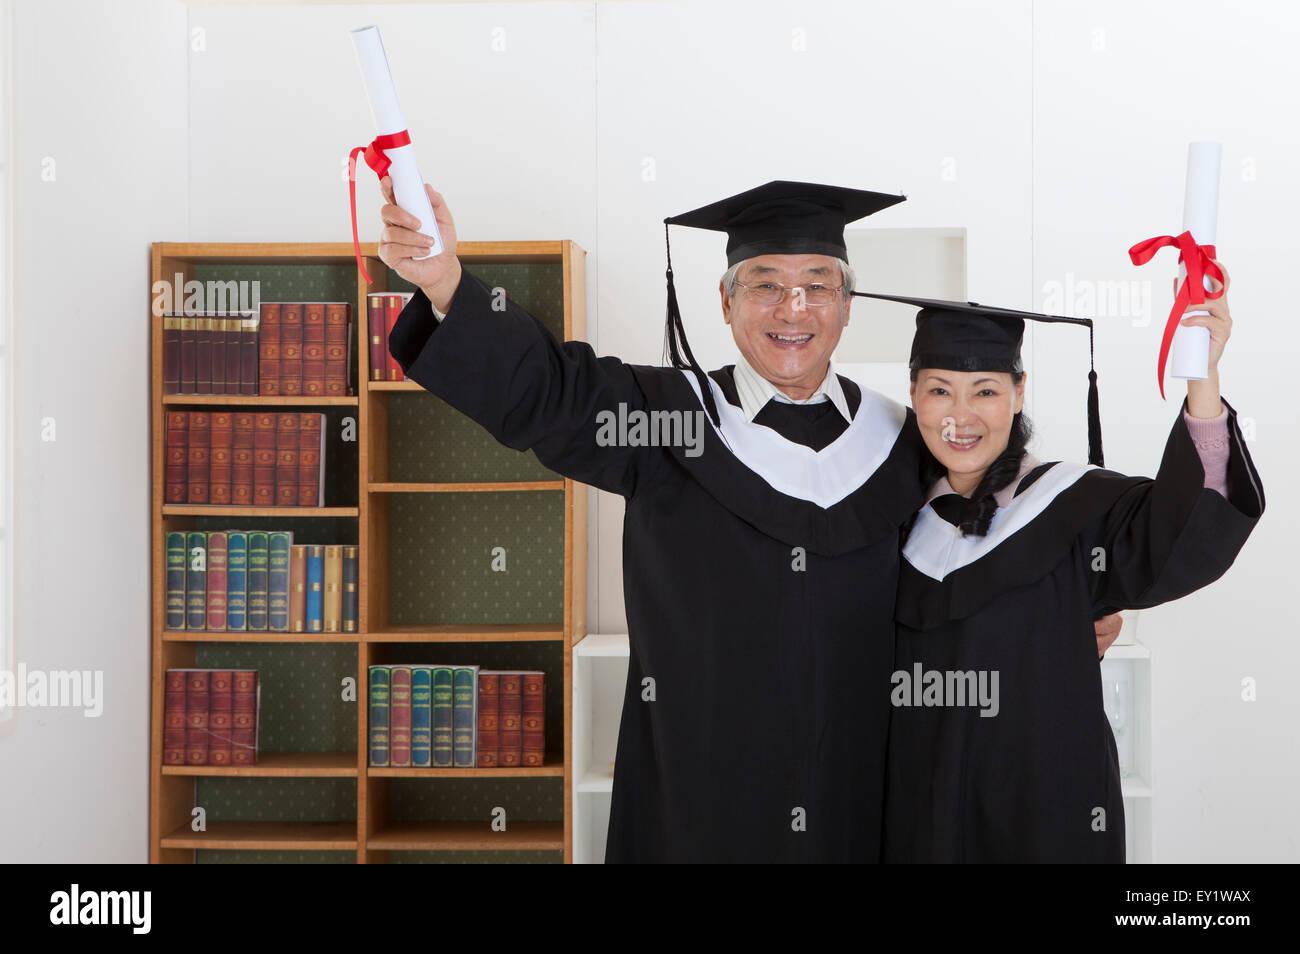 Senior Couple Wearing Graduation Gown Stock Photos & Senior Couple ...